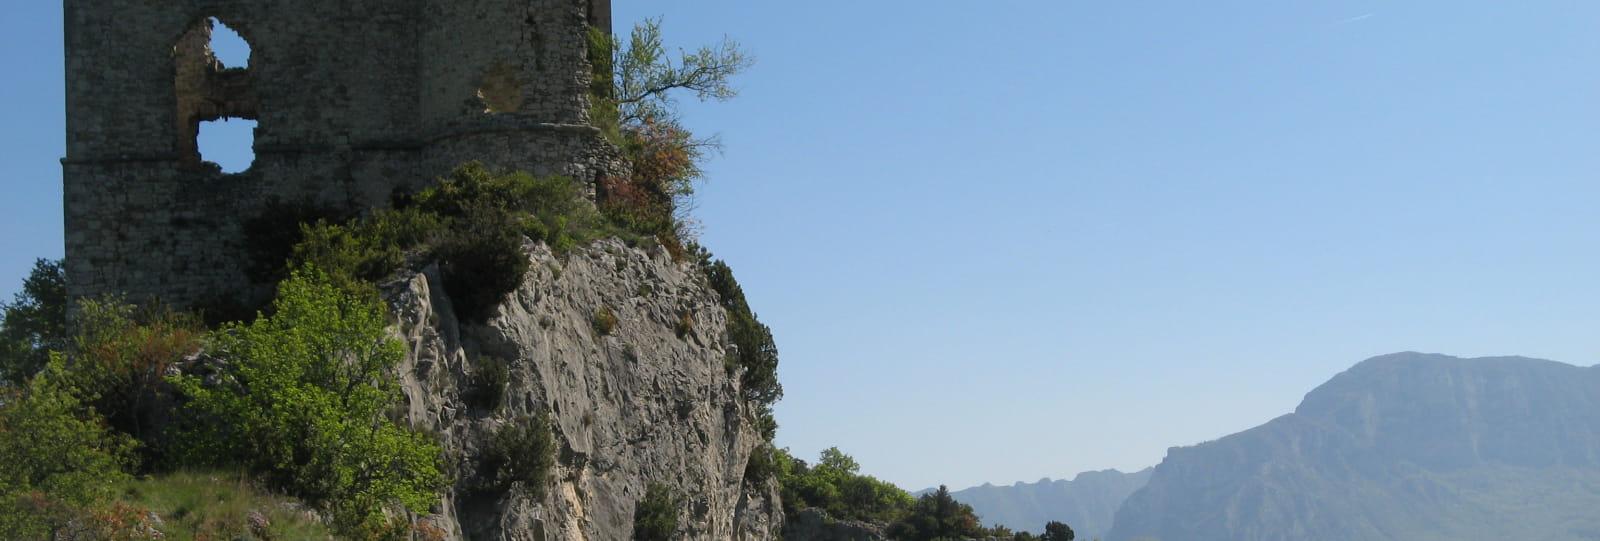 Chateau de Soyans